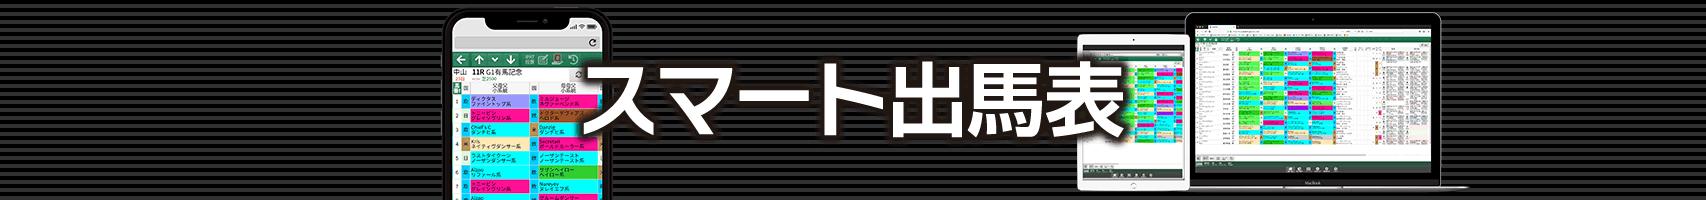 【無料公開】新潟大賞典 / 亀谷サロン限定公開中のスマート出馬表・次期バージョン